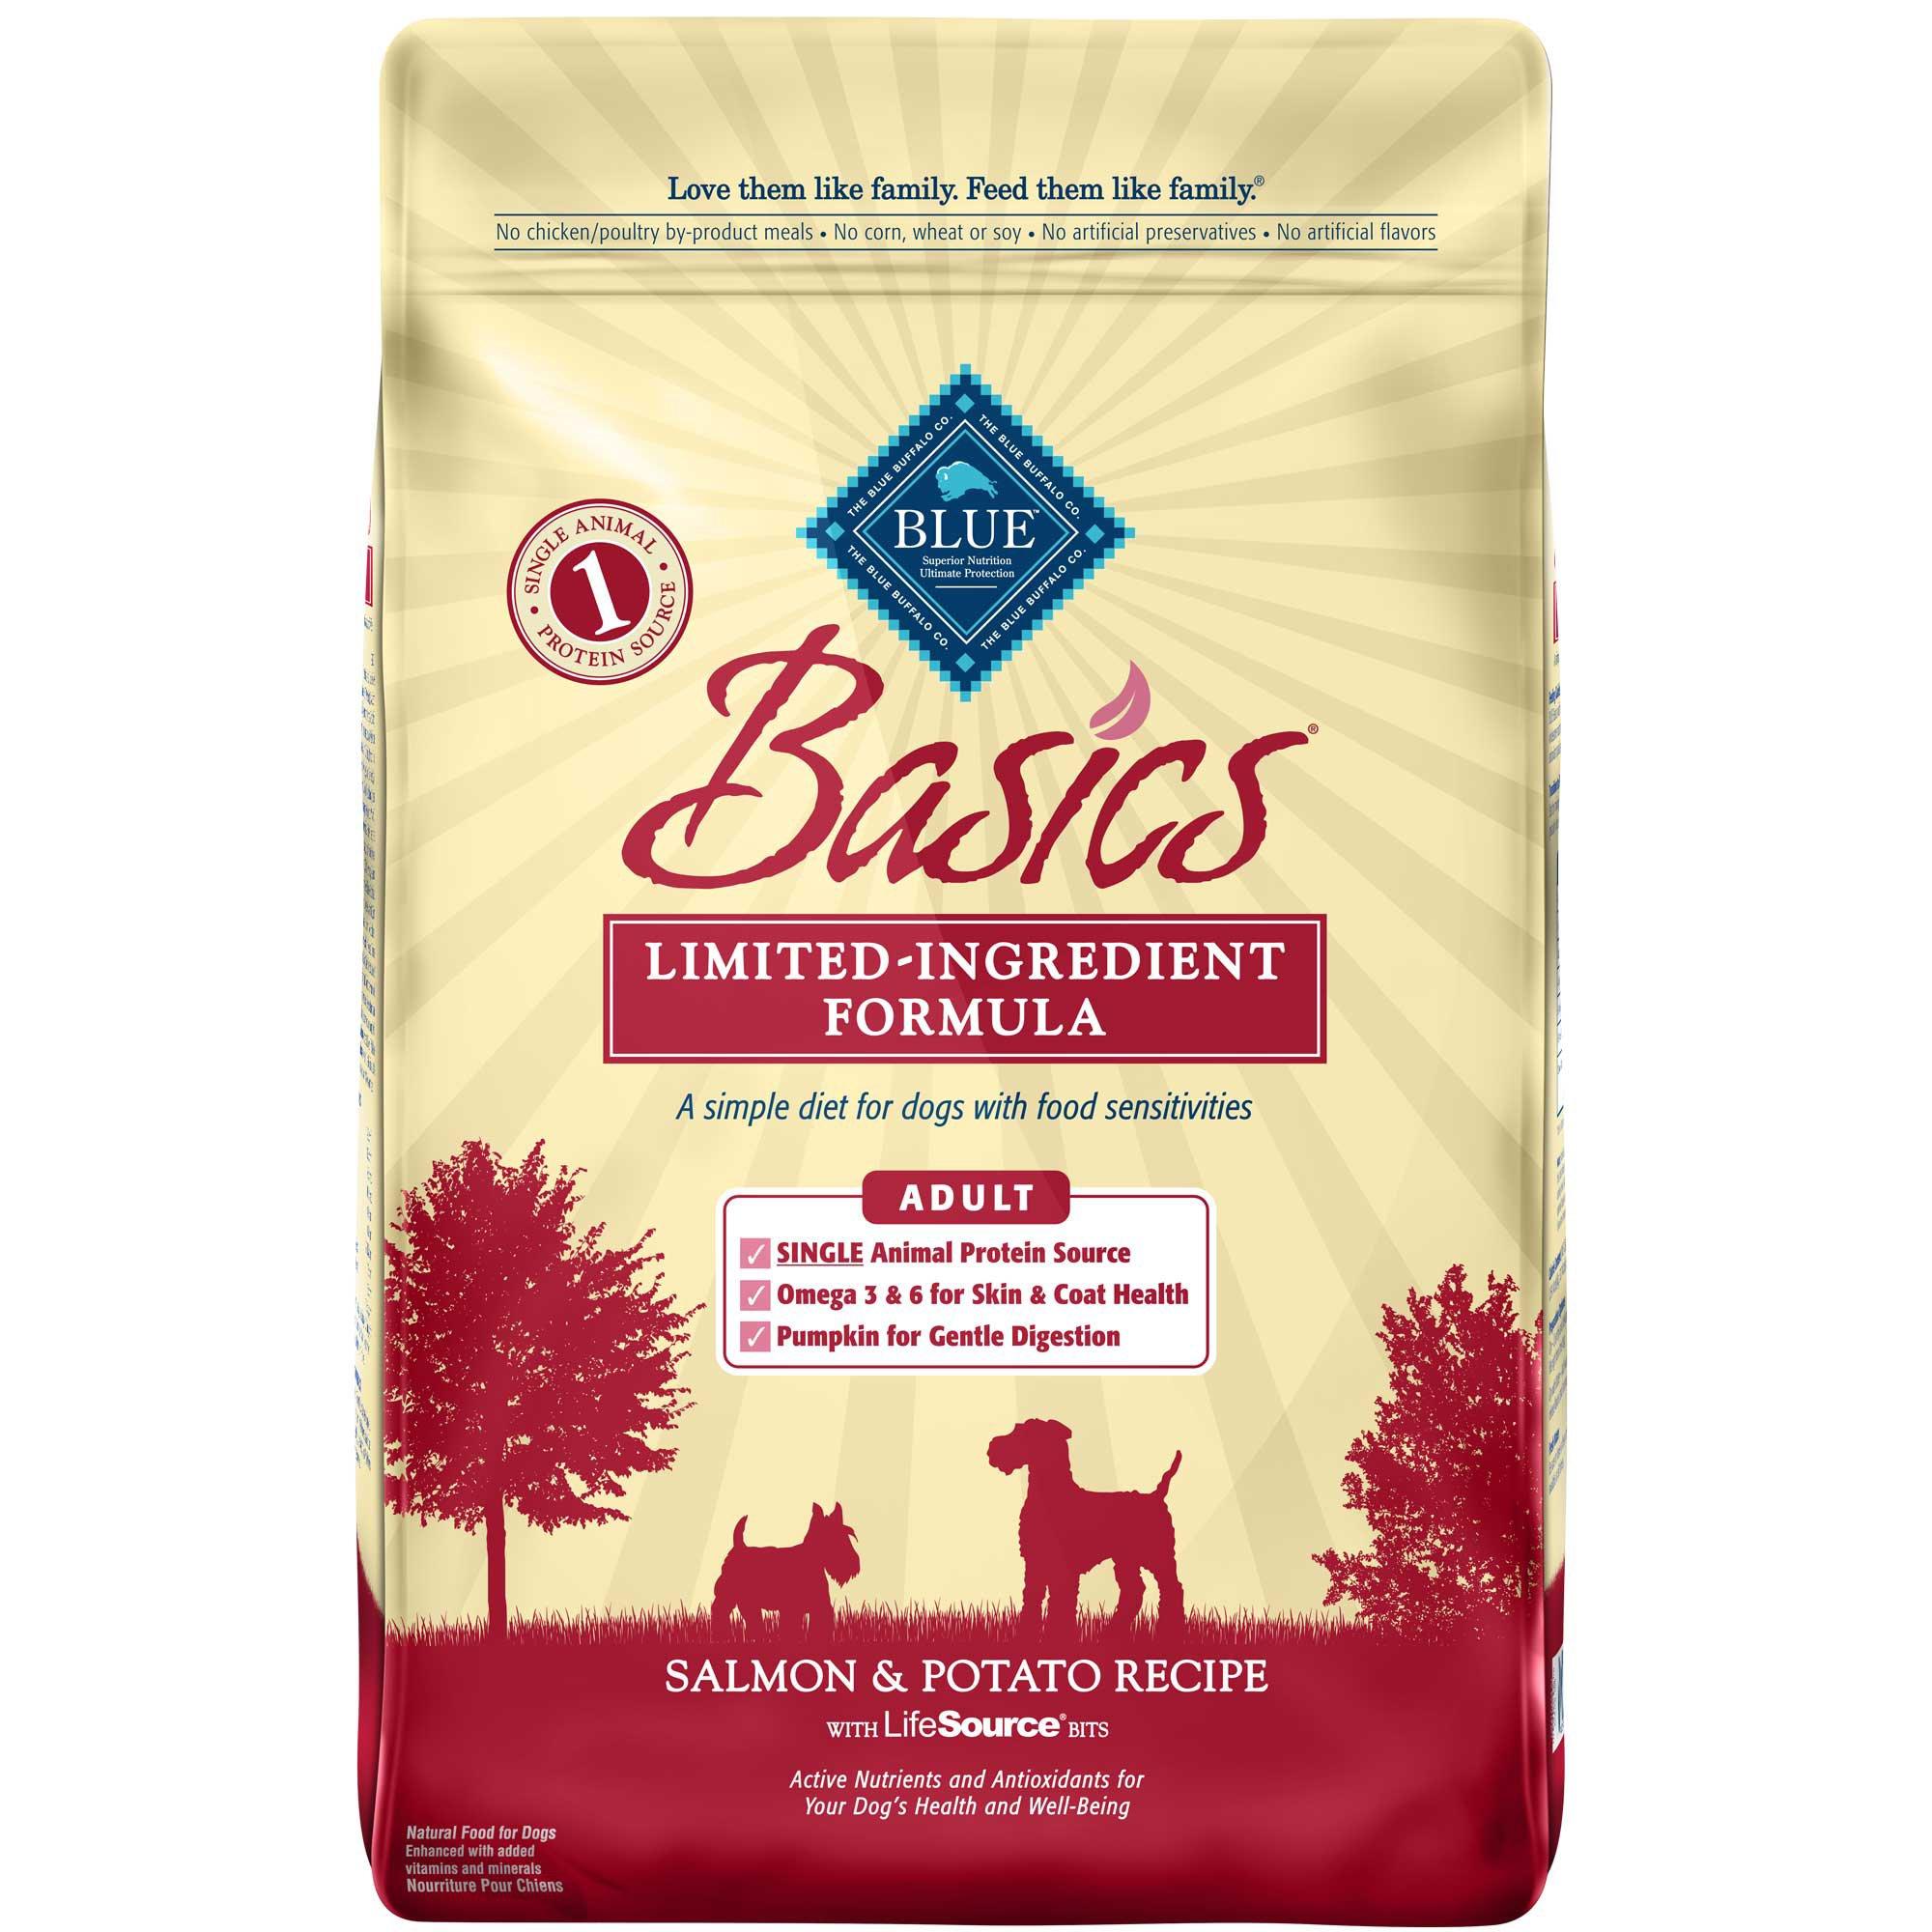 Blue Buffalo Basics Limited Ingredient Formula Salmon & Potato Adult Dry Dog Food